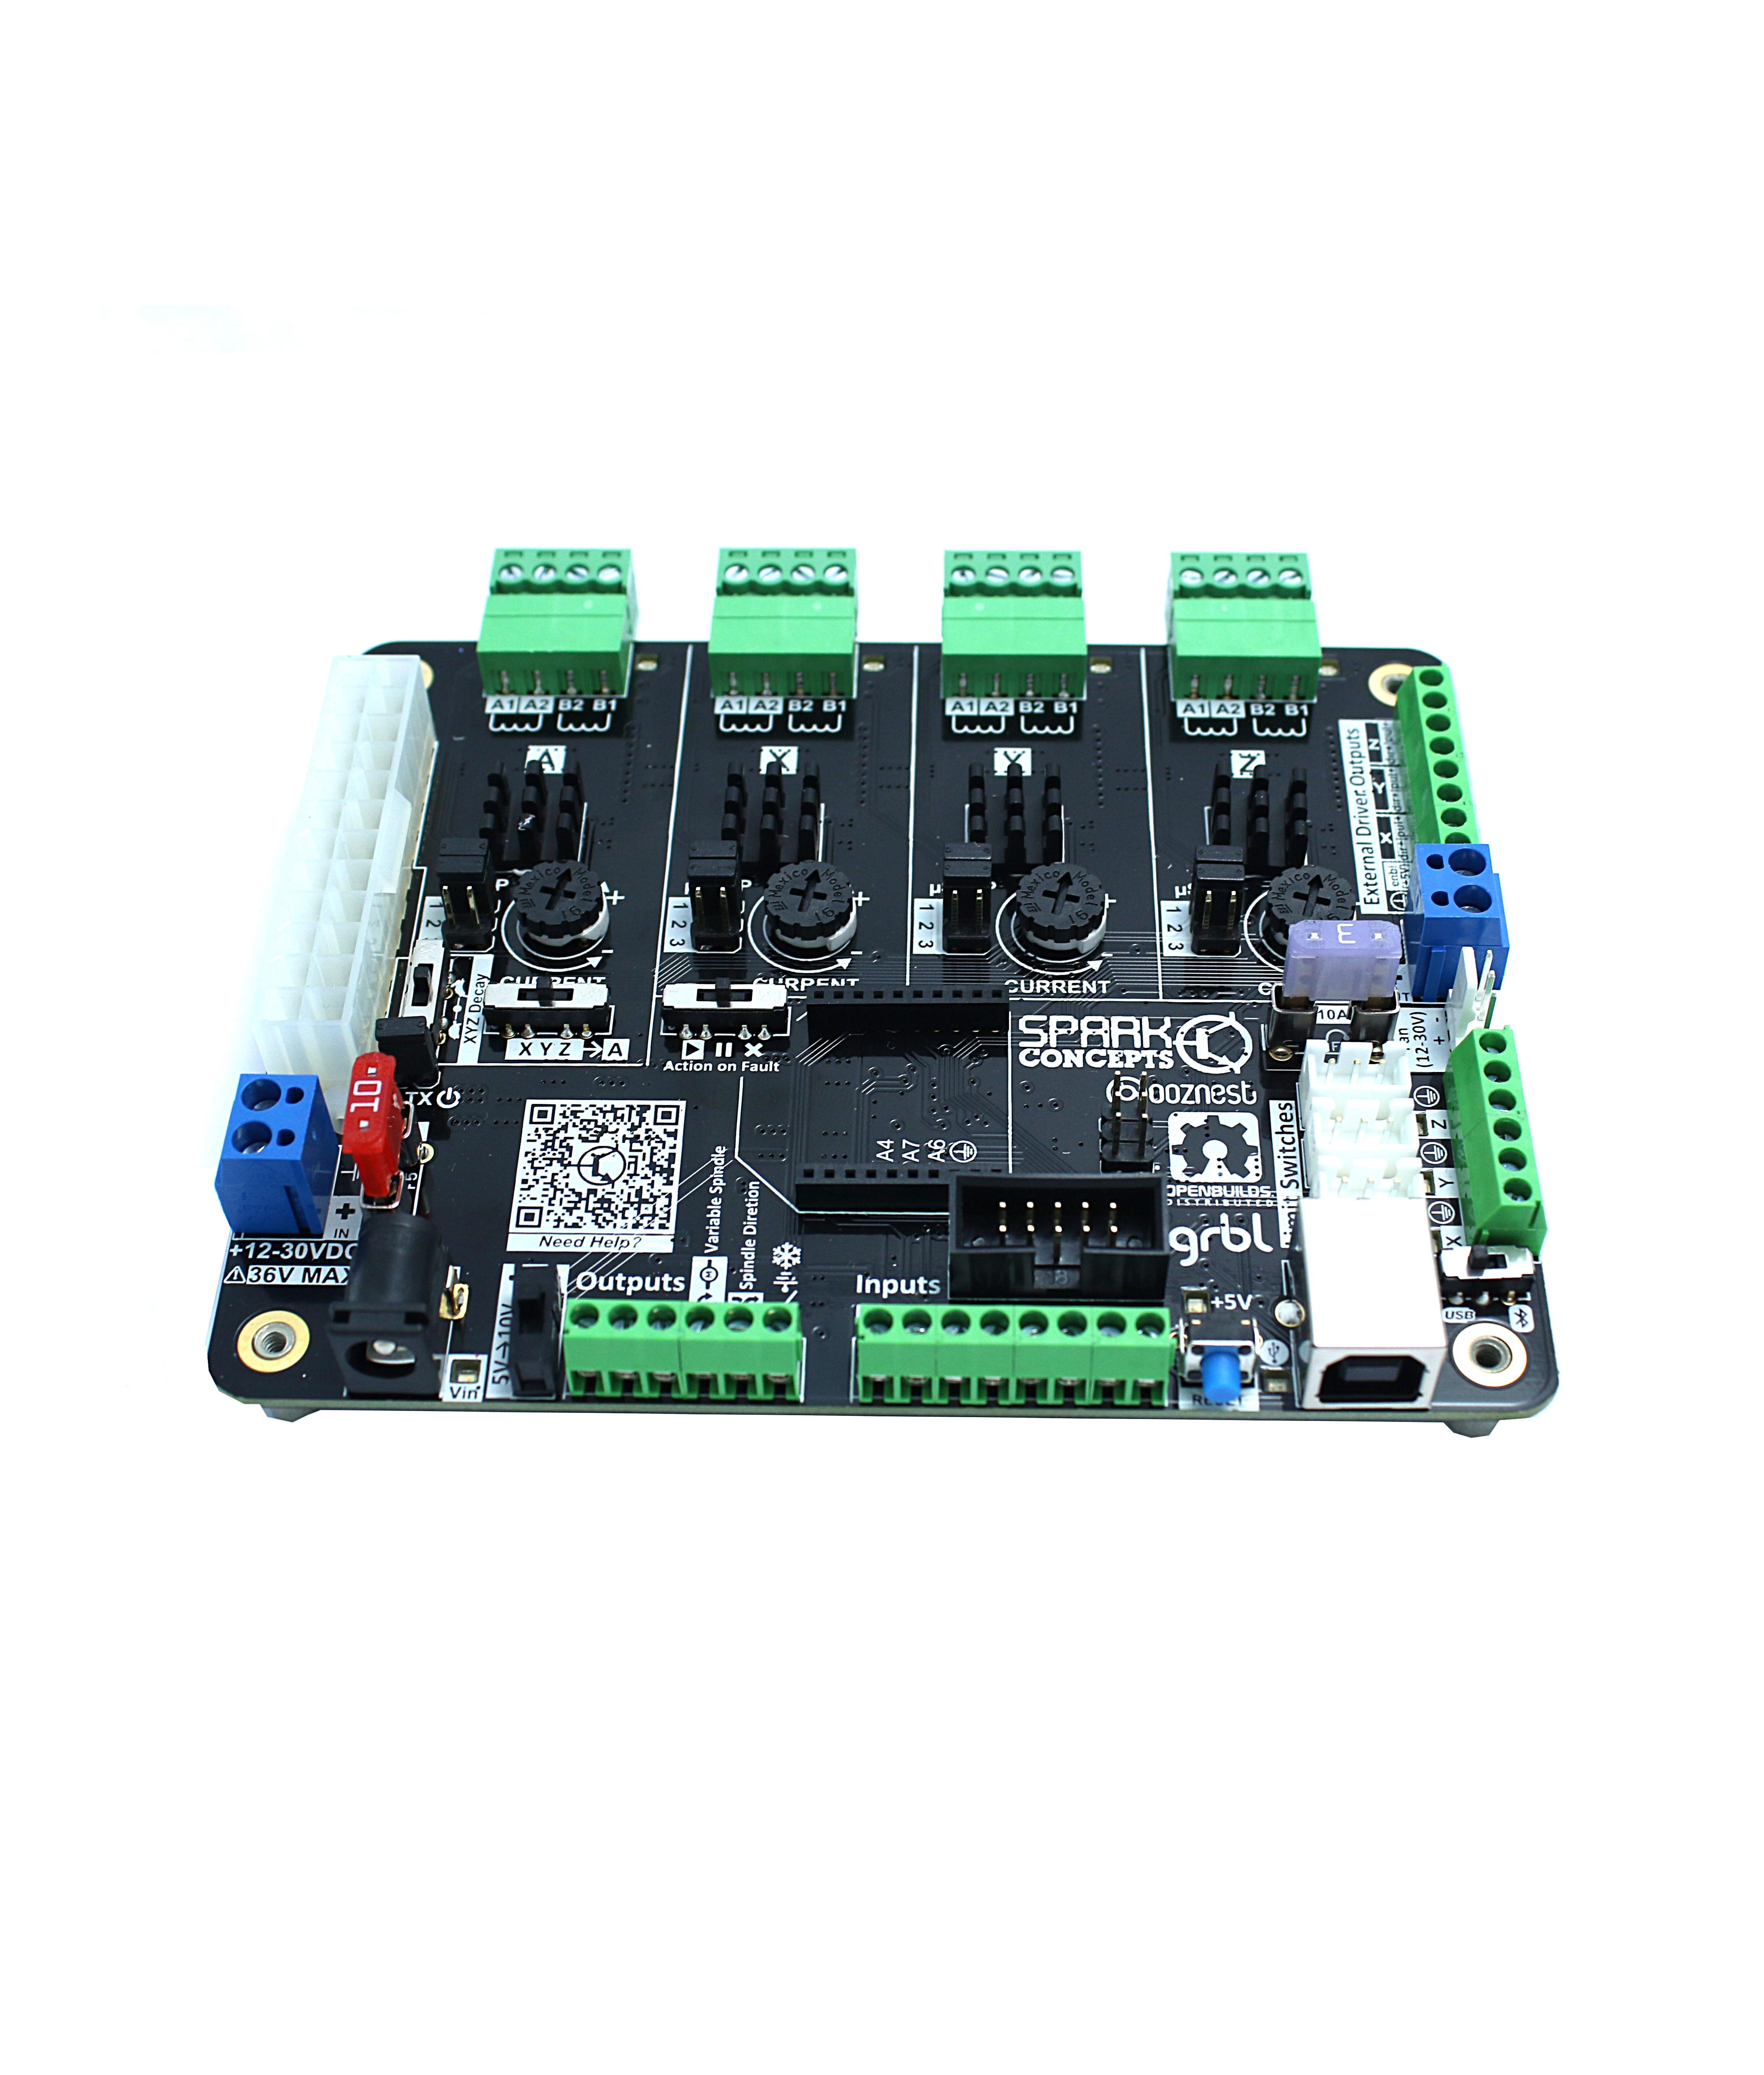 CNC xPro Controller V4 - CNC Machine - UK Supplier